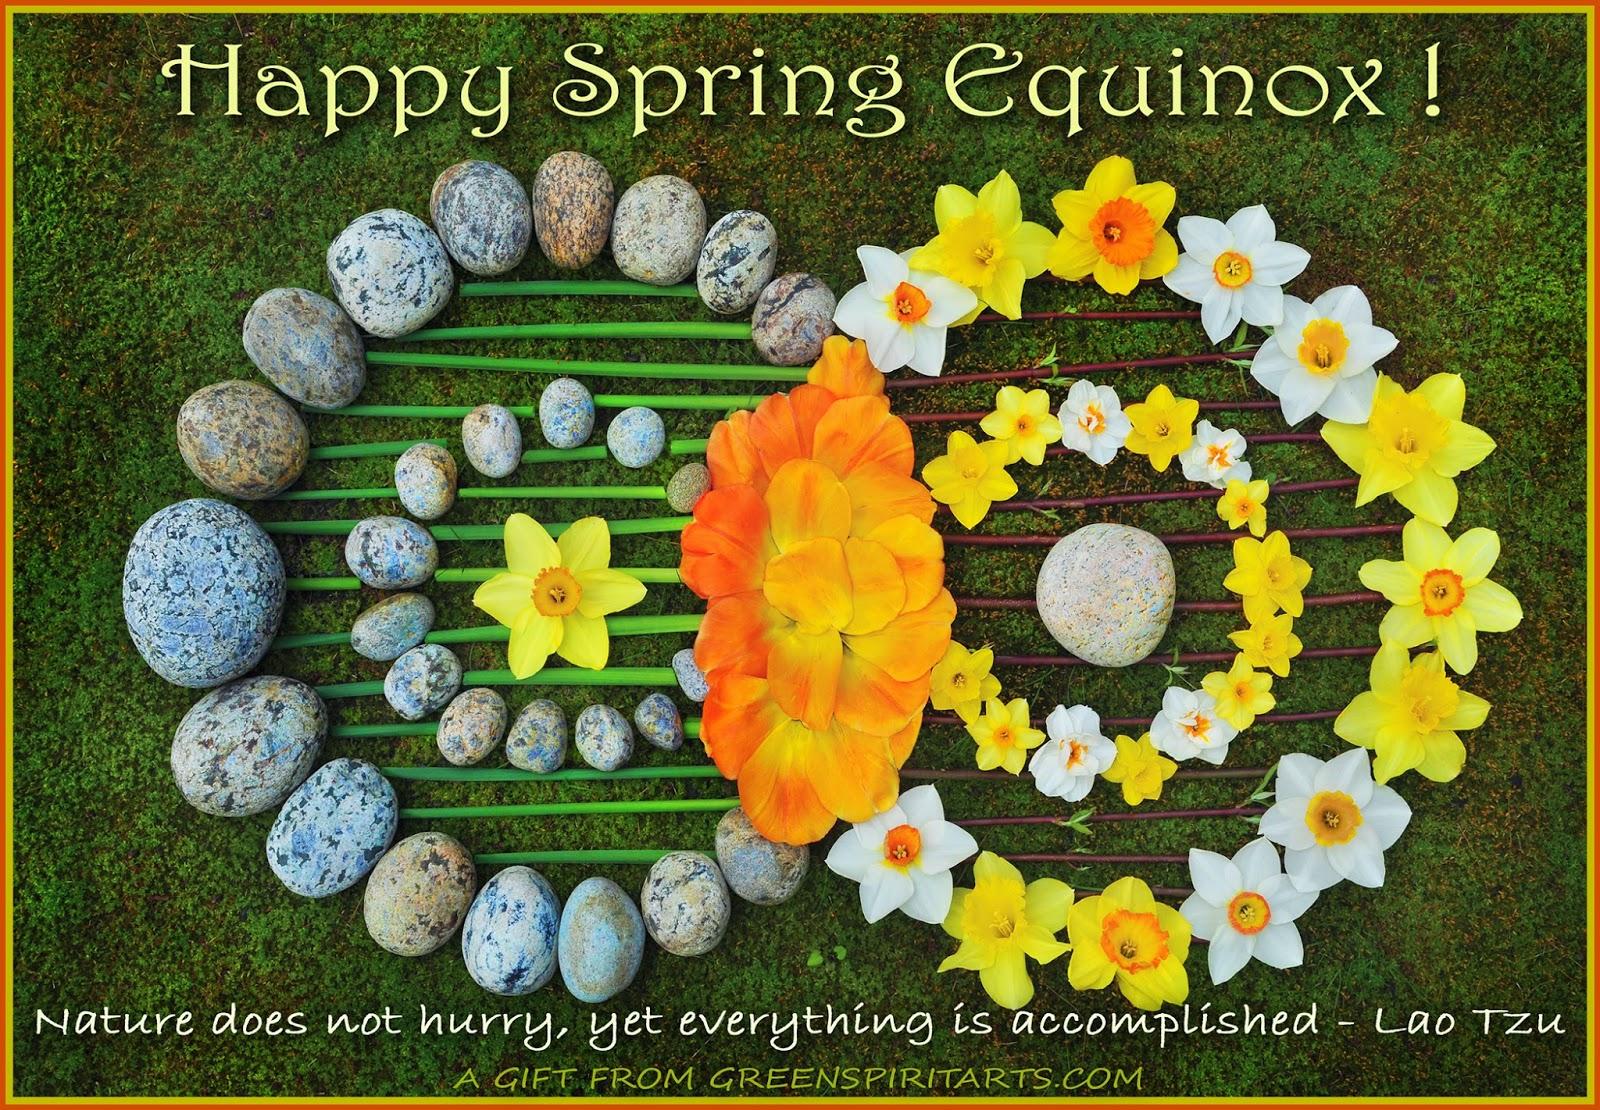 Spring Equinox Pagan Quotes. QuotesGram